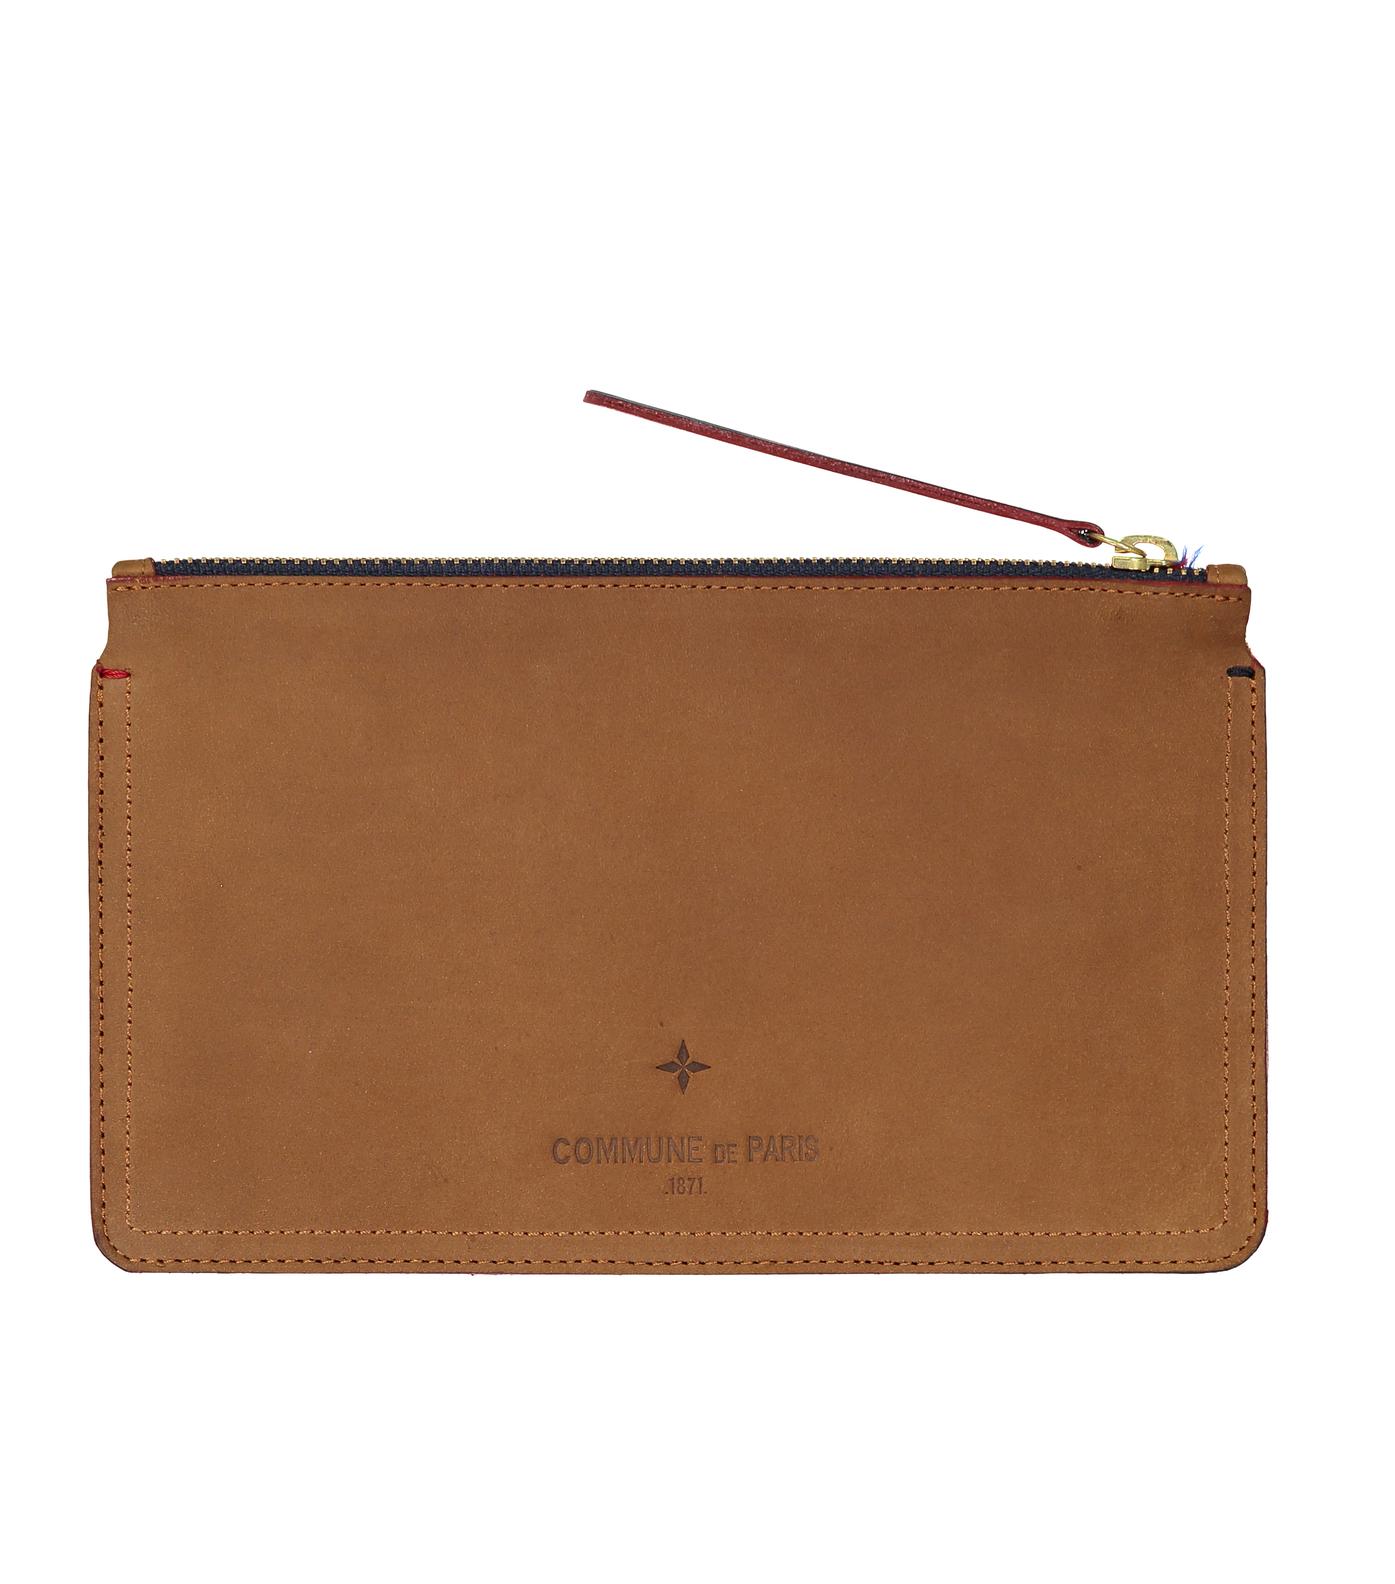 PENCILCASE 12 MAI - Leather